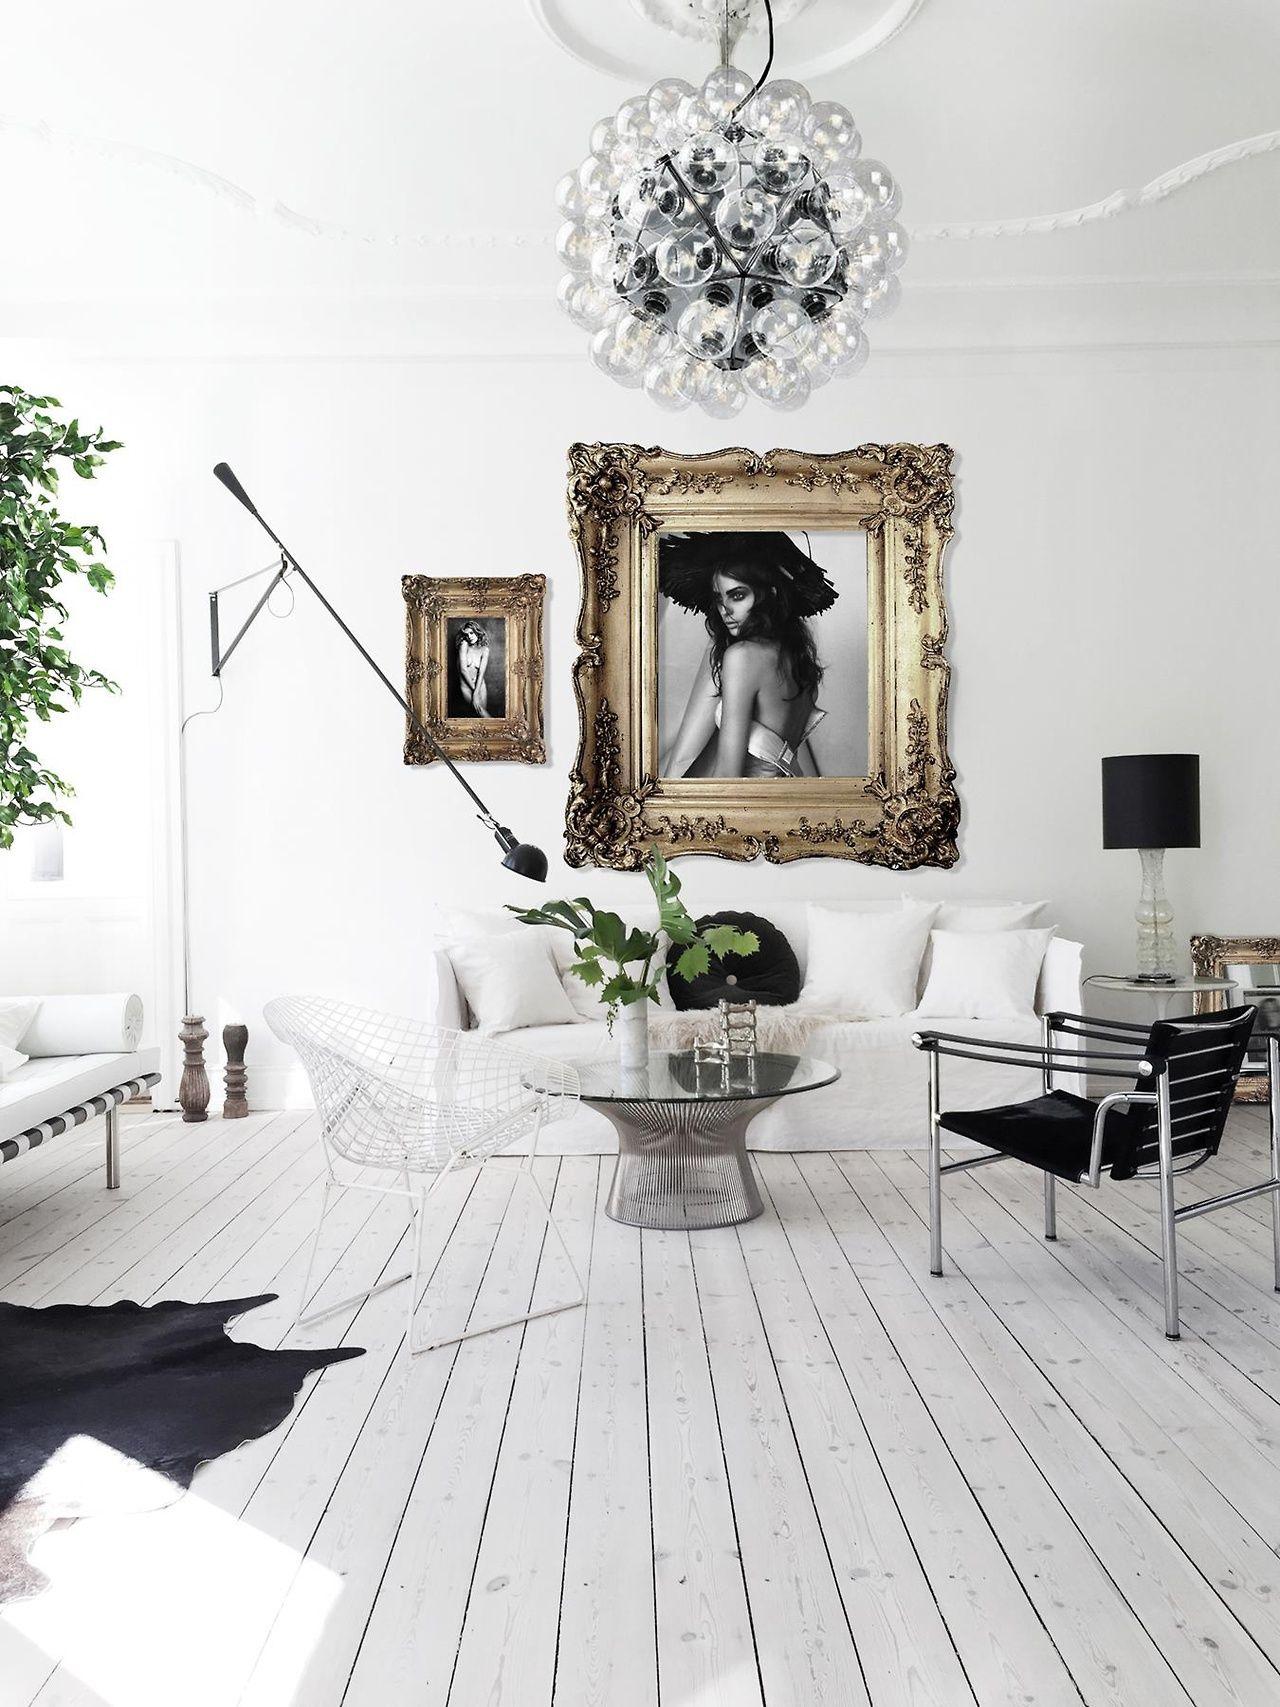 Visualizza altre idee su arredamento, arredamento casa,. Beautiful Stylish Scandi Home Idee Arredamento Soggiorno Salotti Scandinavi Idee Per Interni